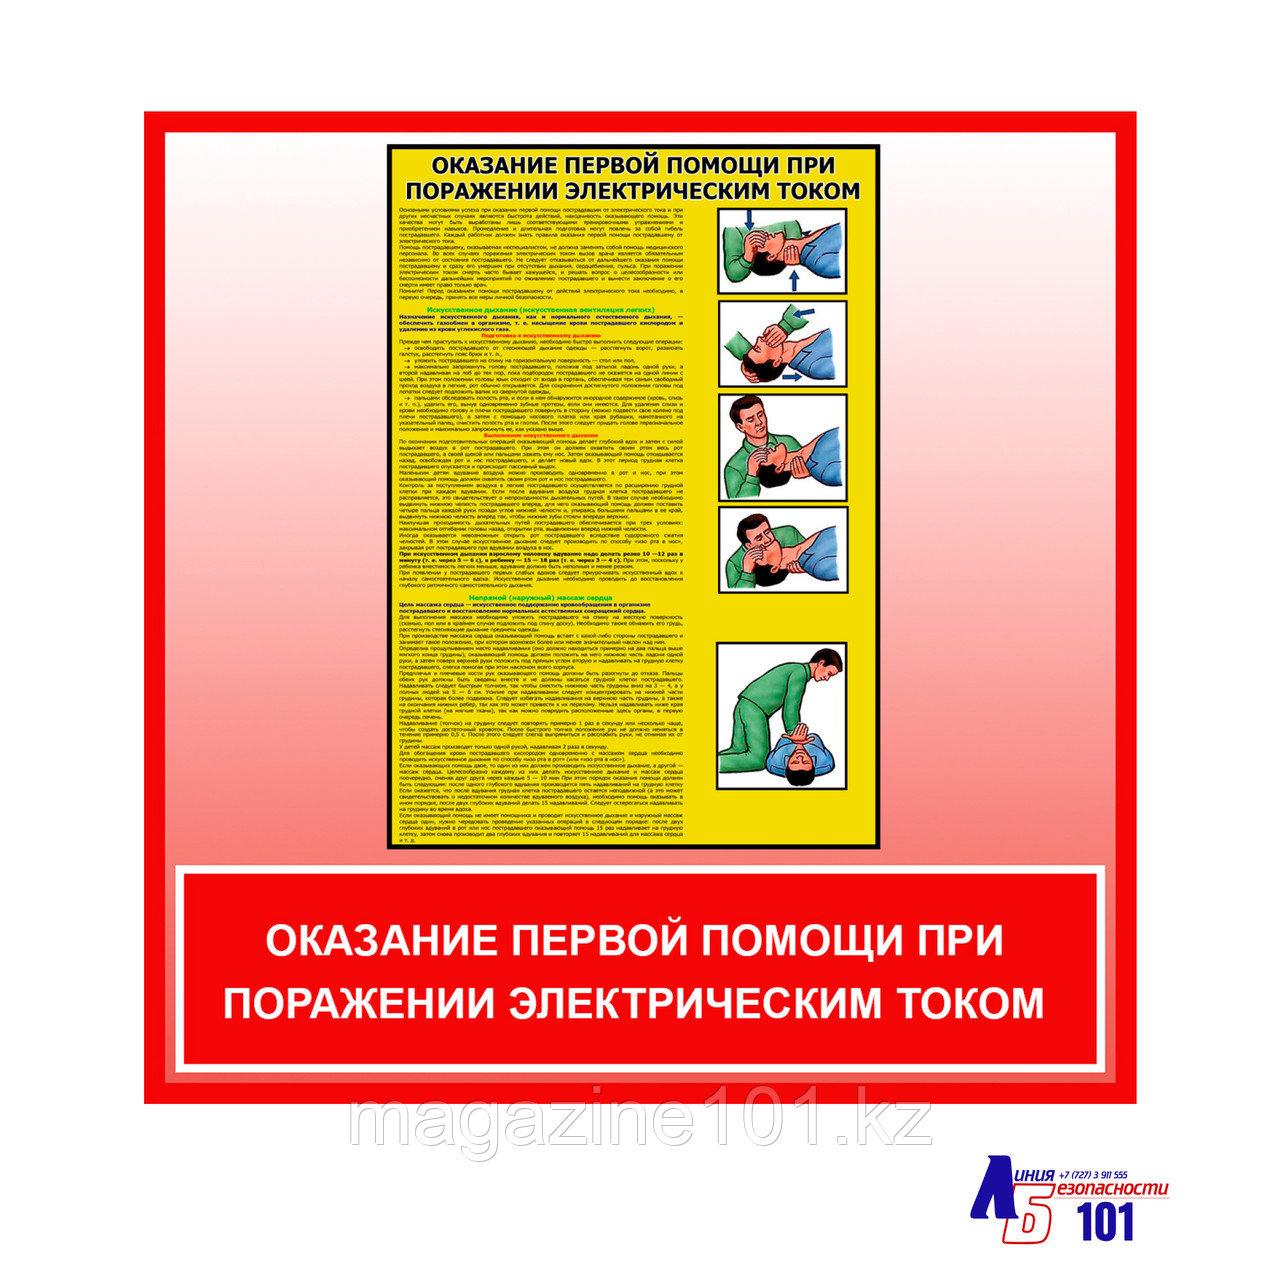 """Плакат """"Оказание первой помощи при поражении электрическим током"""""""